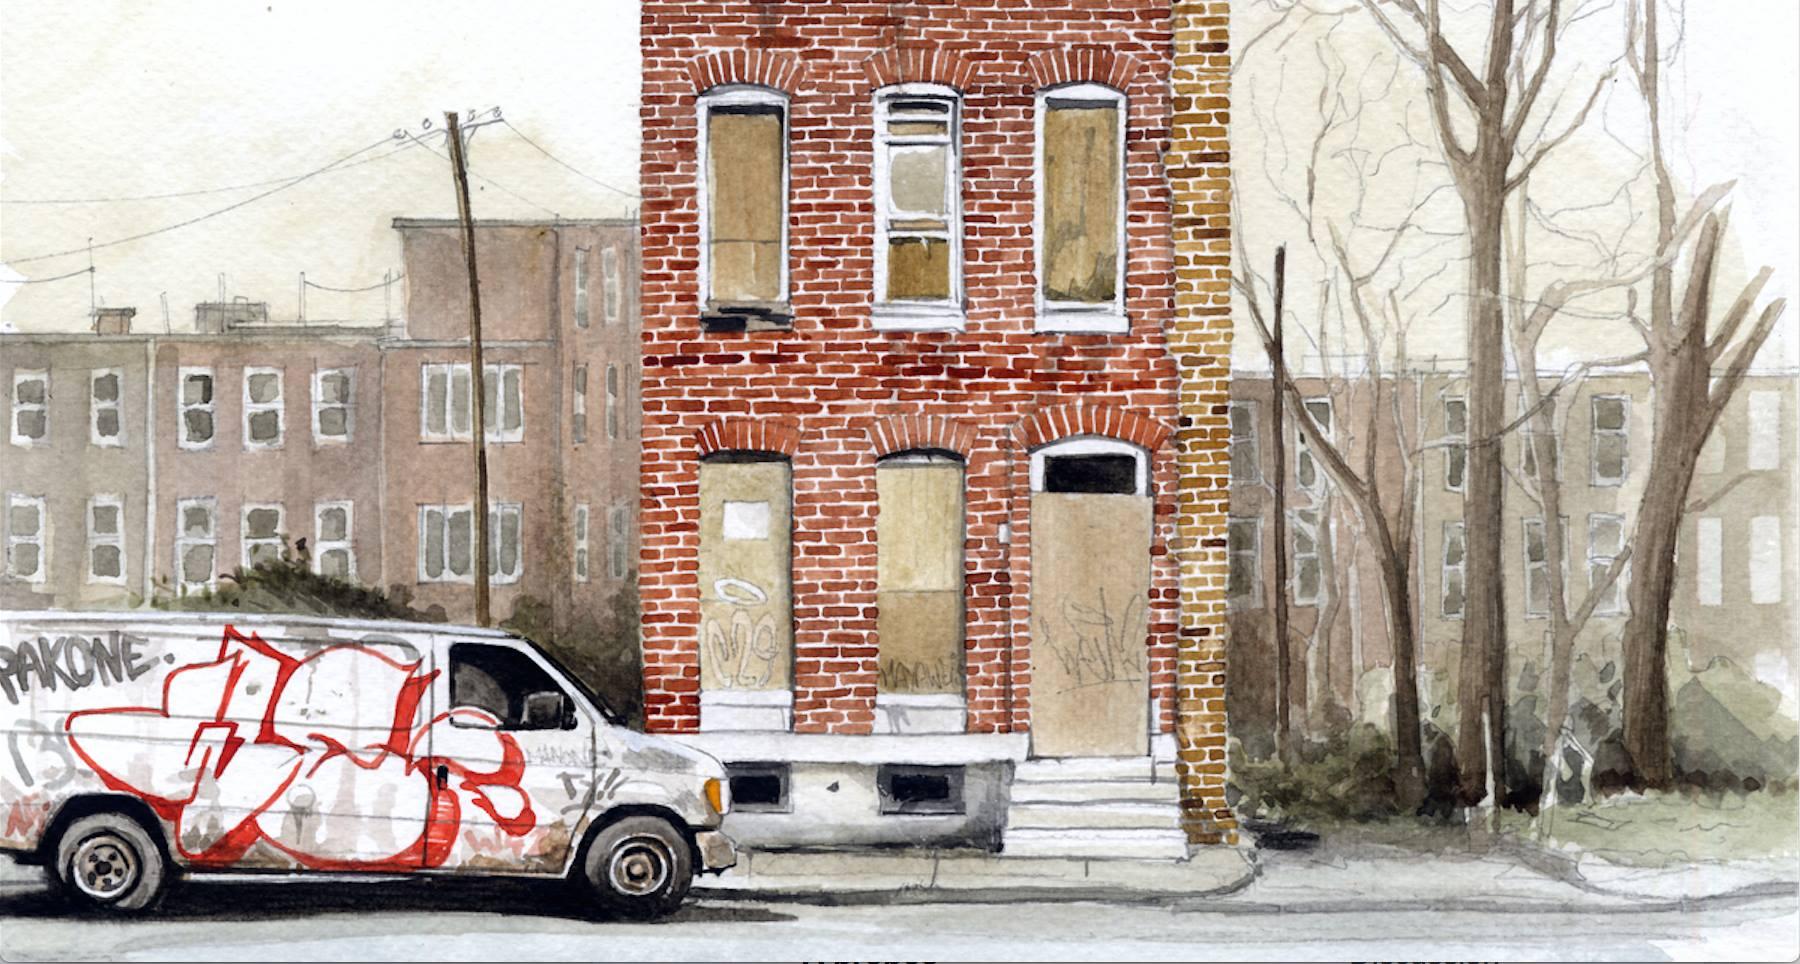 vente aux ench res 39 39 vous etes bien urbains 39 39 6 8 dec urban art paris bordeaux actualit. Black Bedroom Furniture Sets. Home Design Ideas